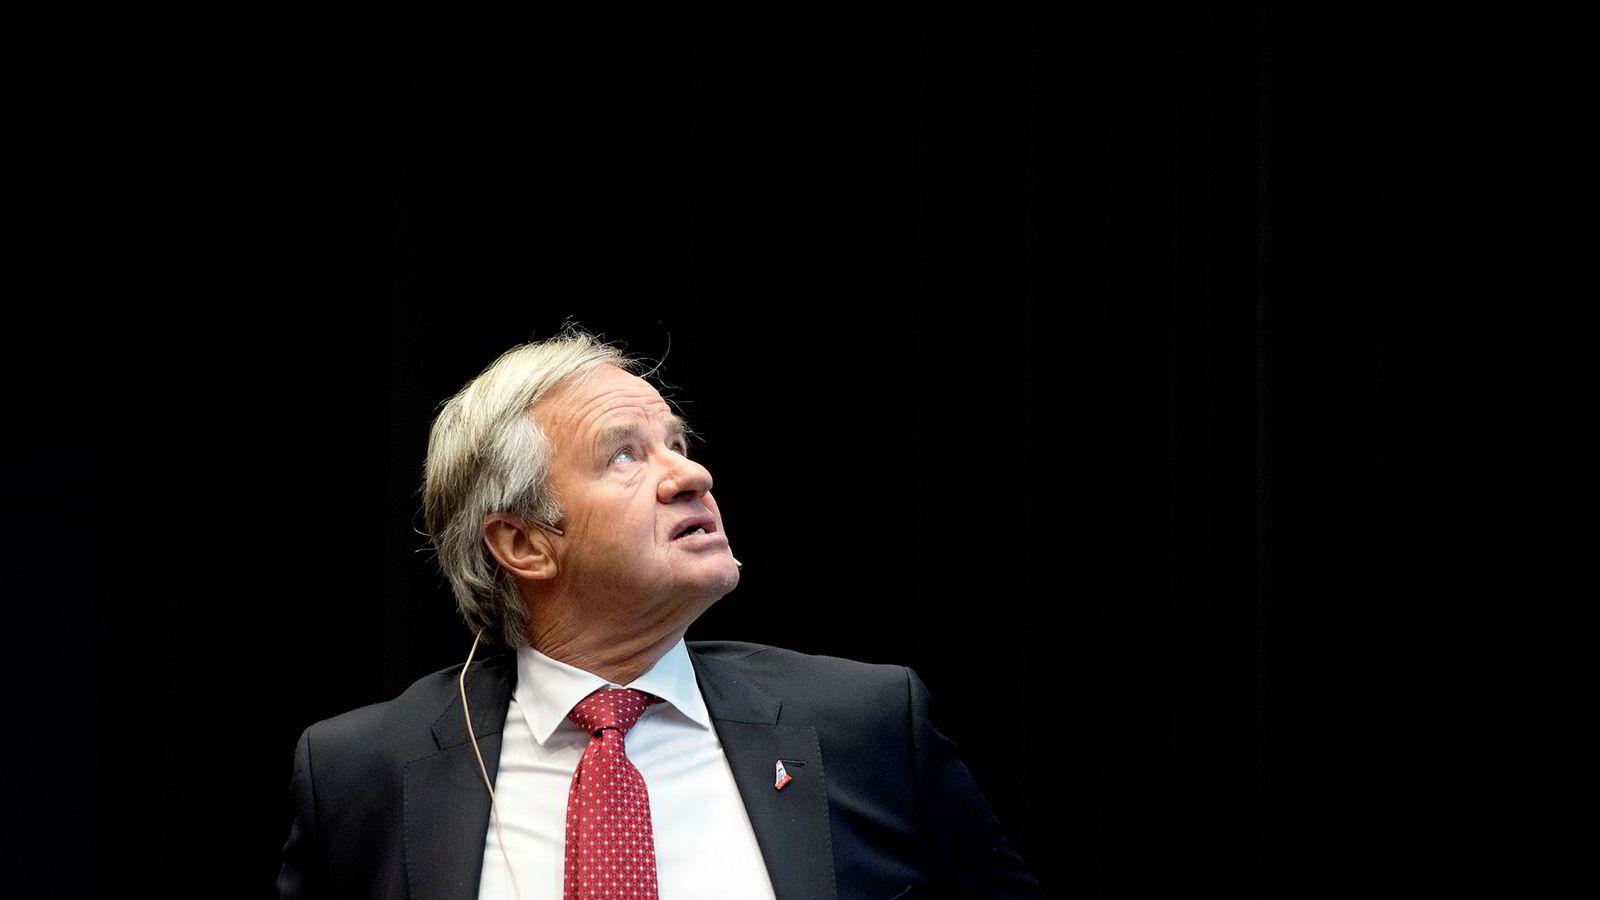 Norwegian skal starte opp sin Argentina-satsing i løpet av 2017, ifølge konsernsjef Bjørn Kjos.